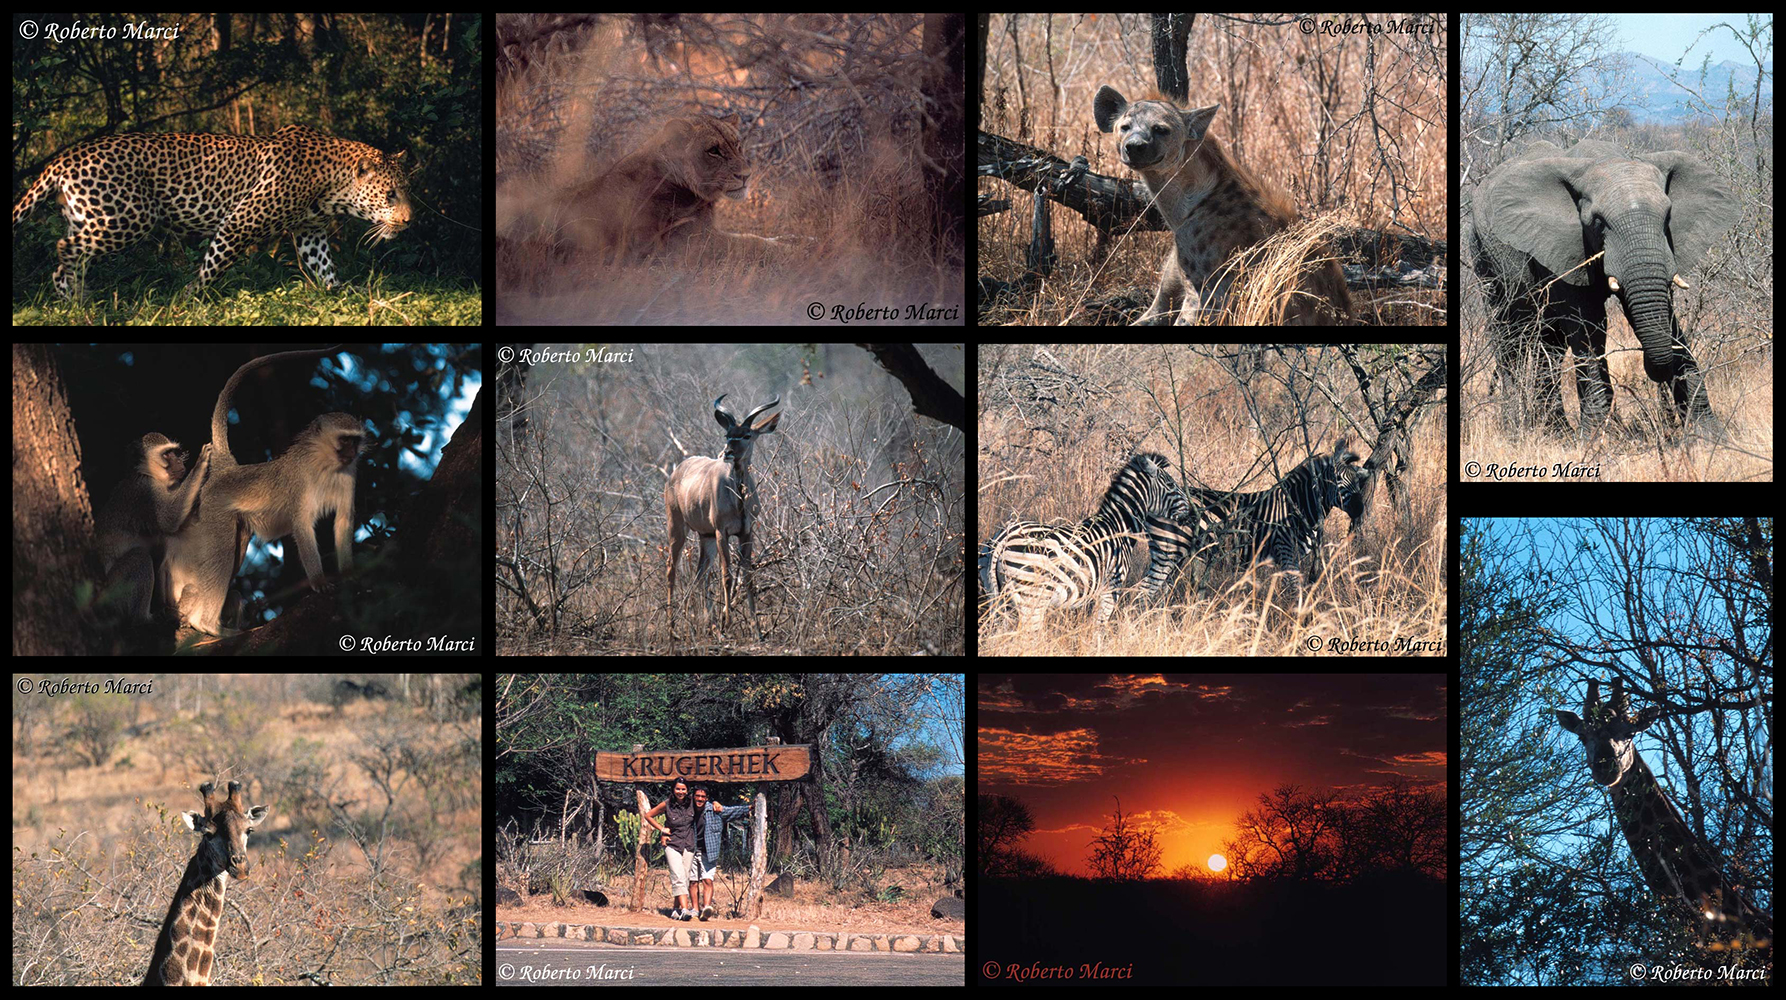 South Africa - Krugerhek - 2002...